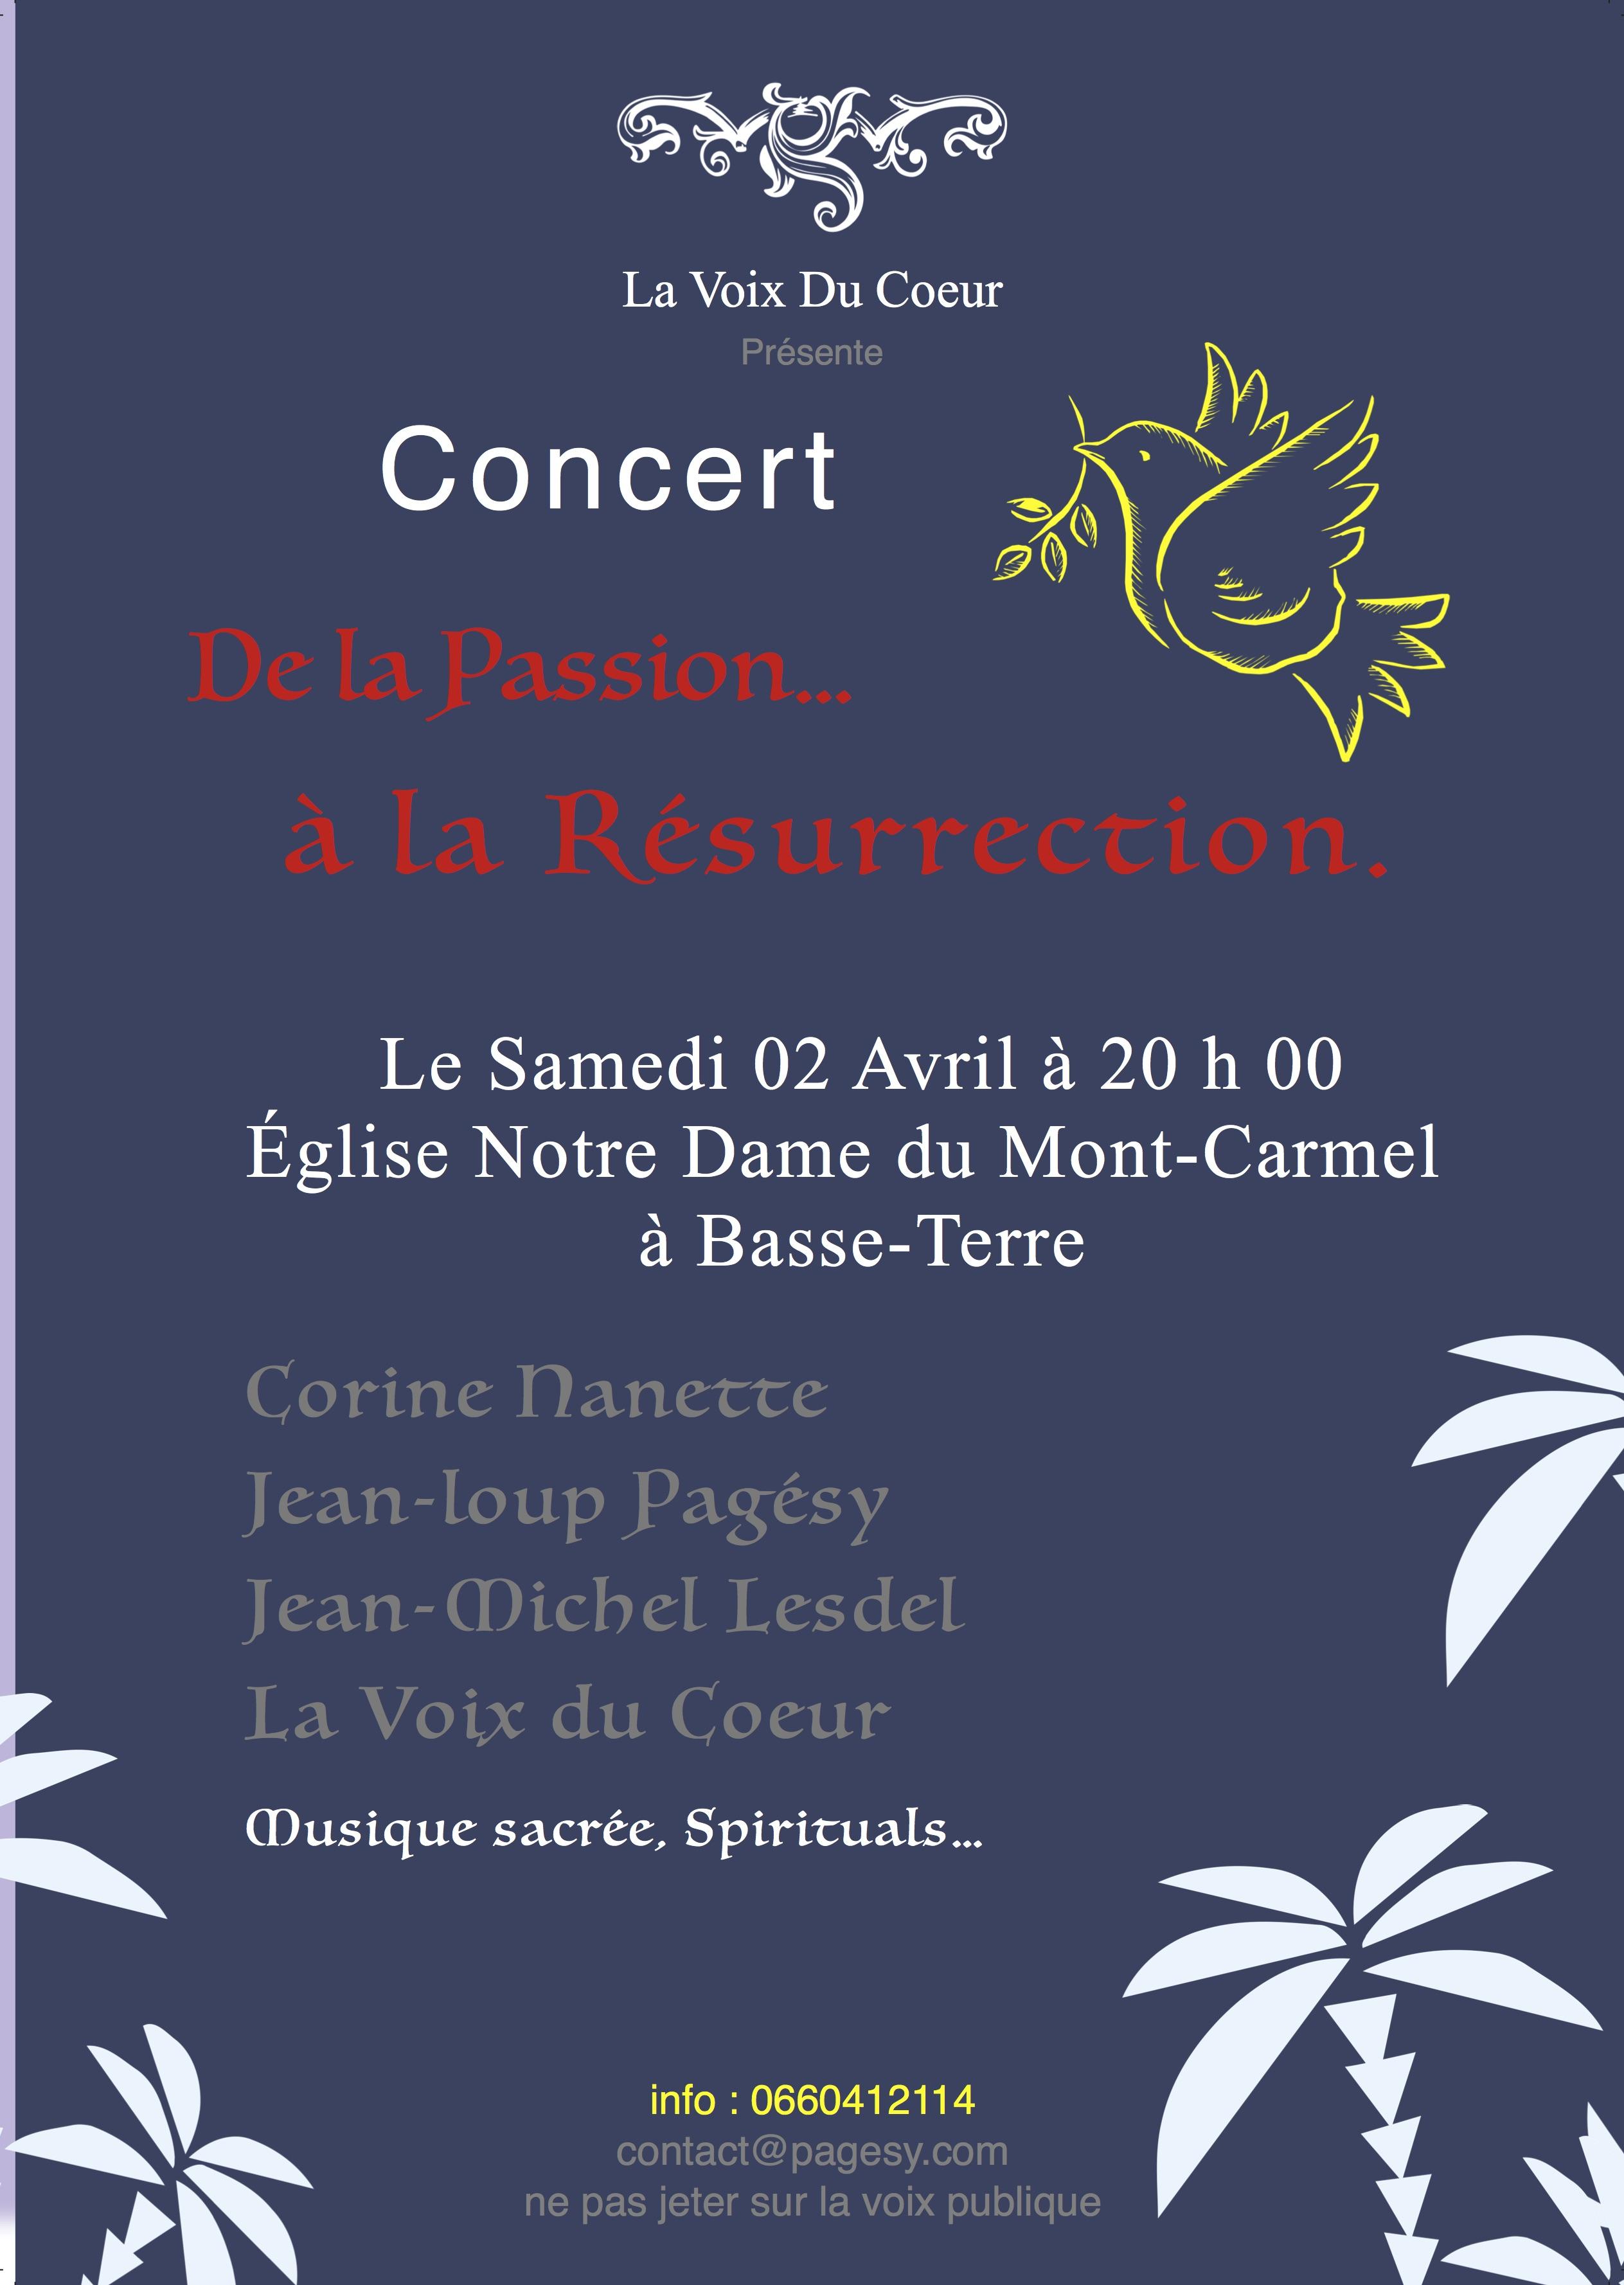 ConcertB-T_02:03